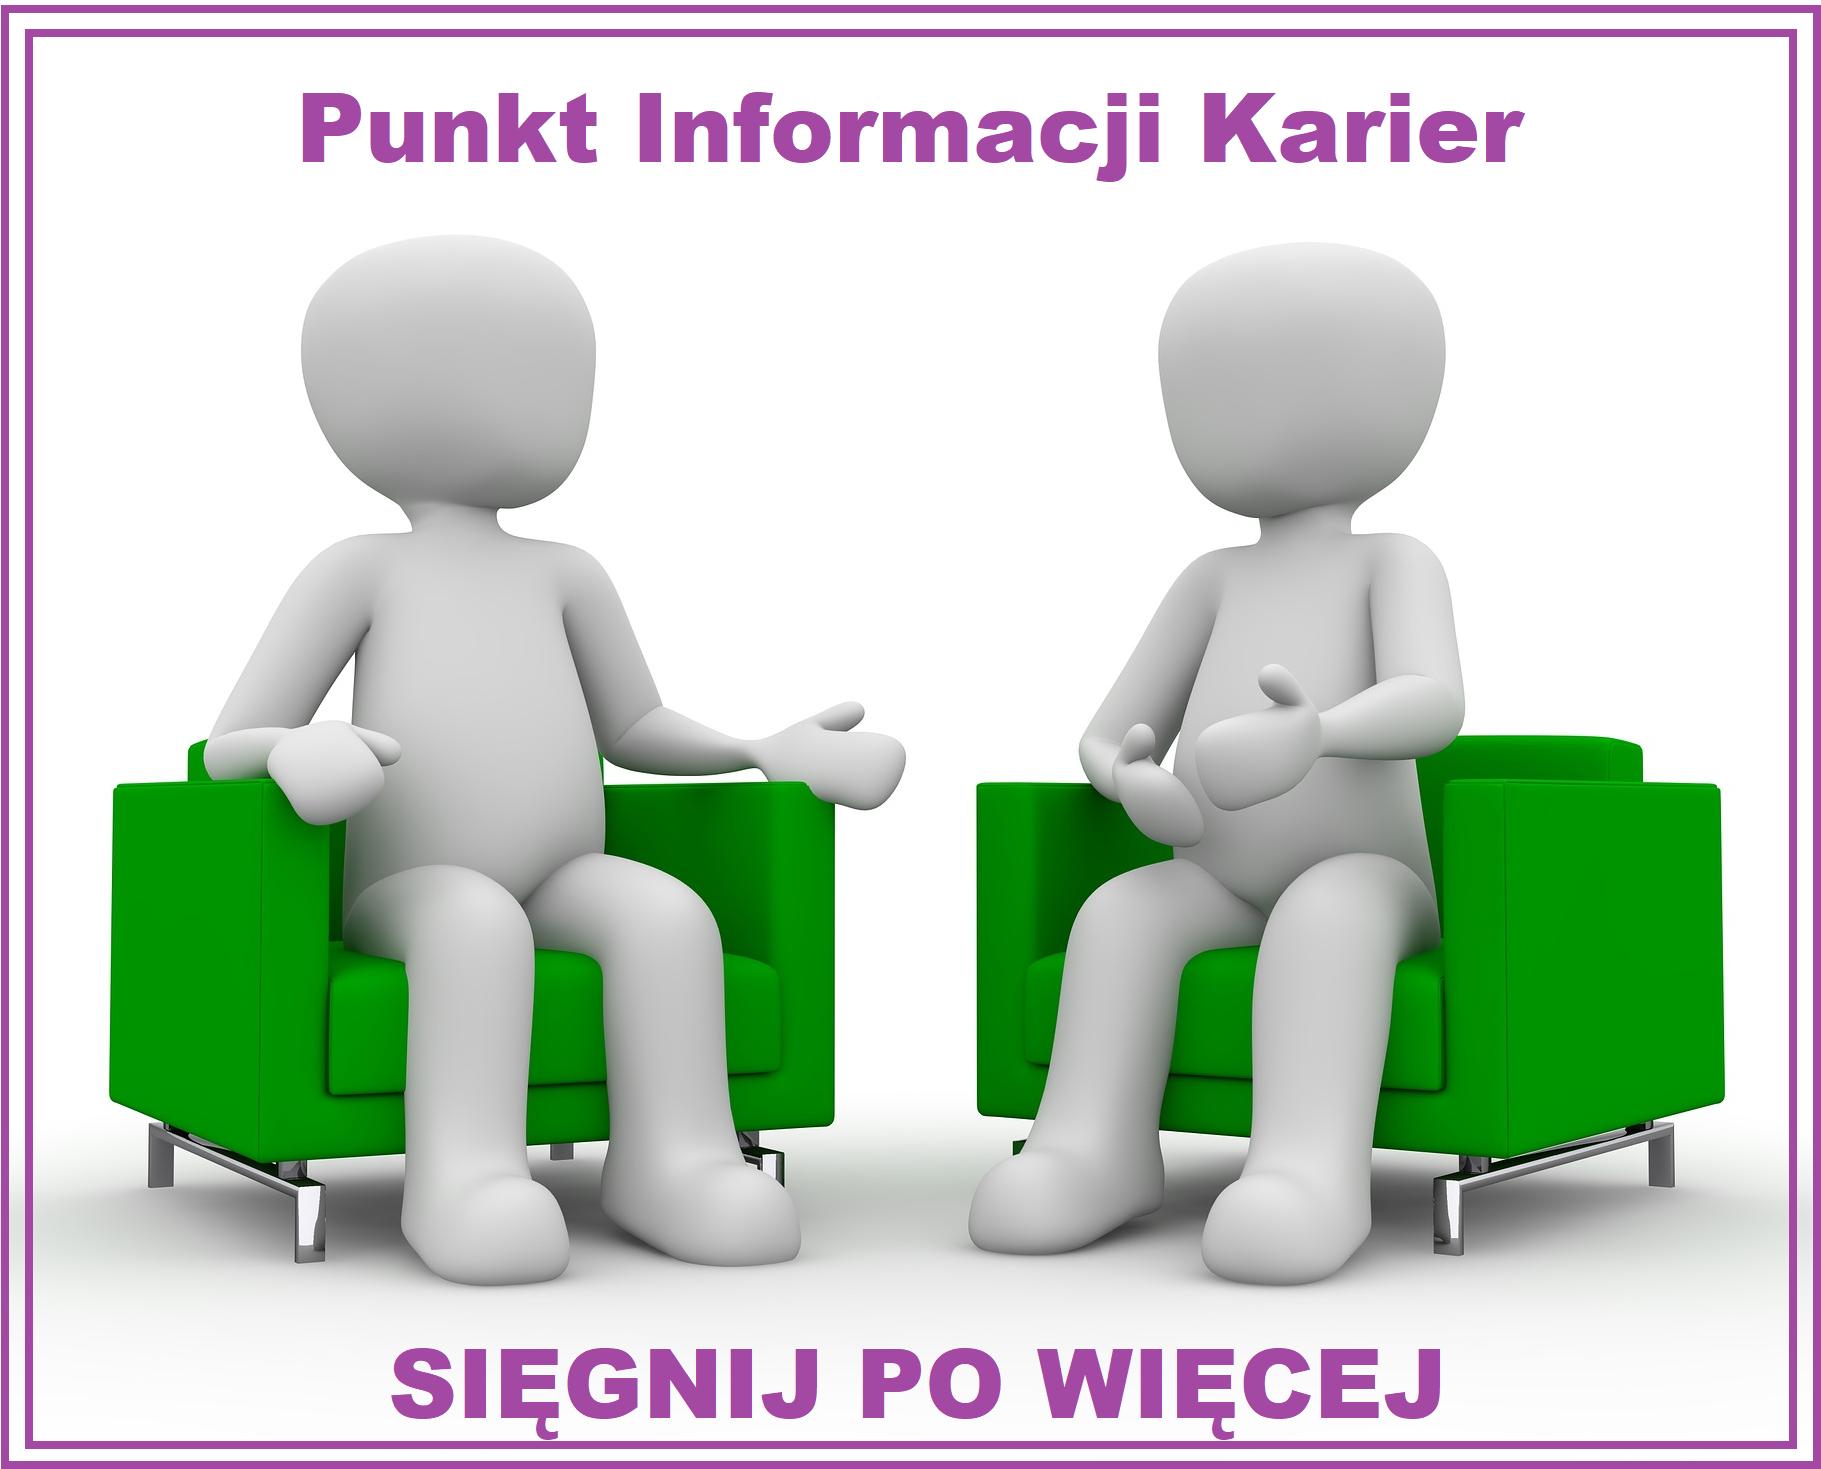 Program SIĘGNIJ PO WIĘCEJ - Punkt Informacji Karier